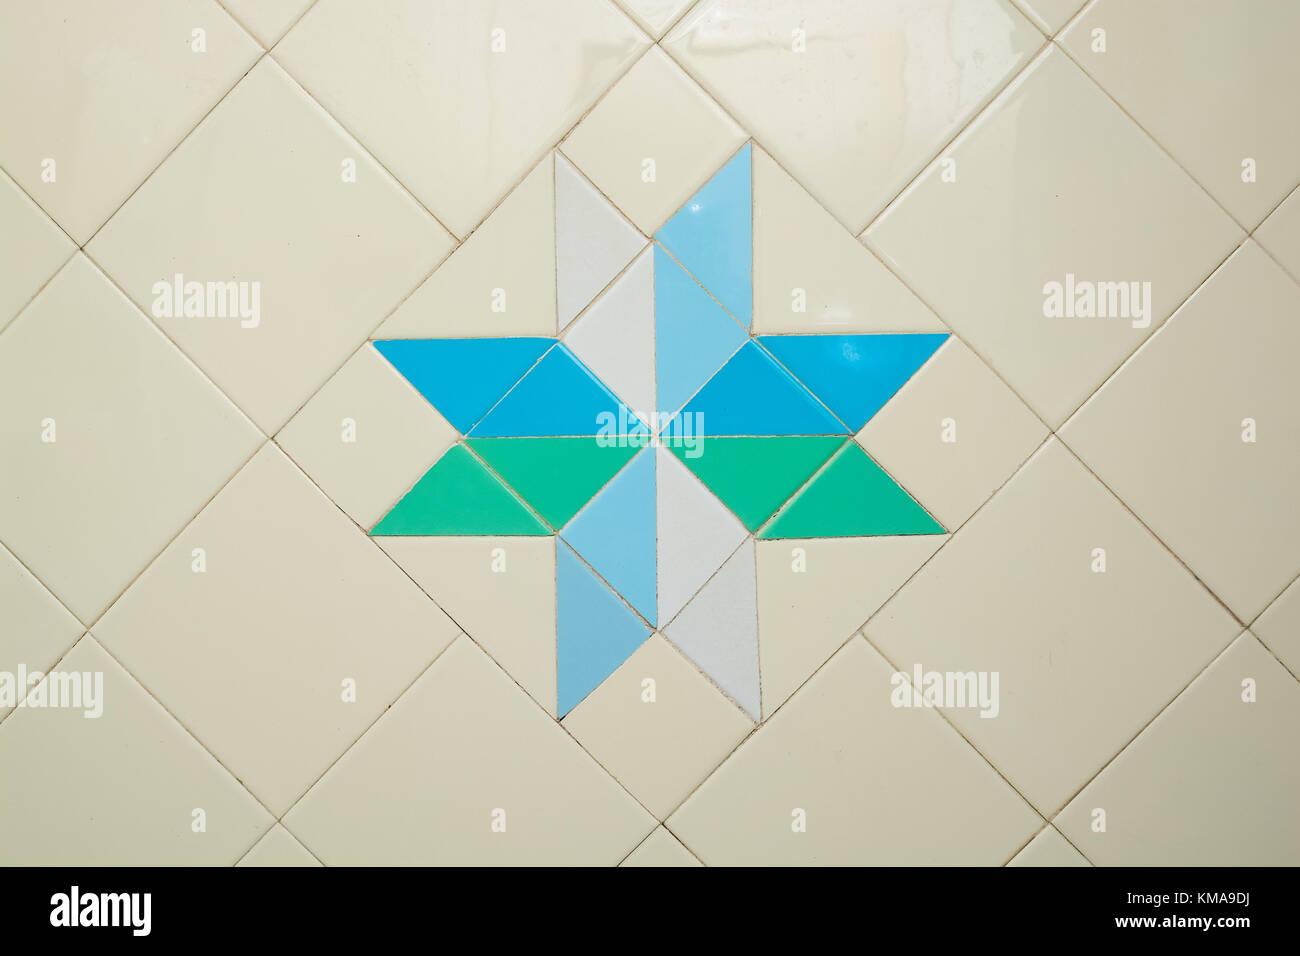 White bathroom tiles texture background Stock Photo: 167413390 - Alamy